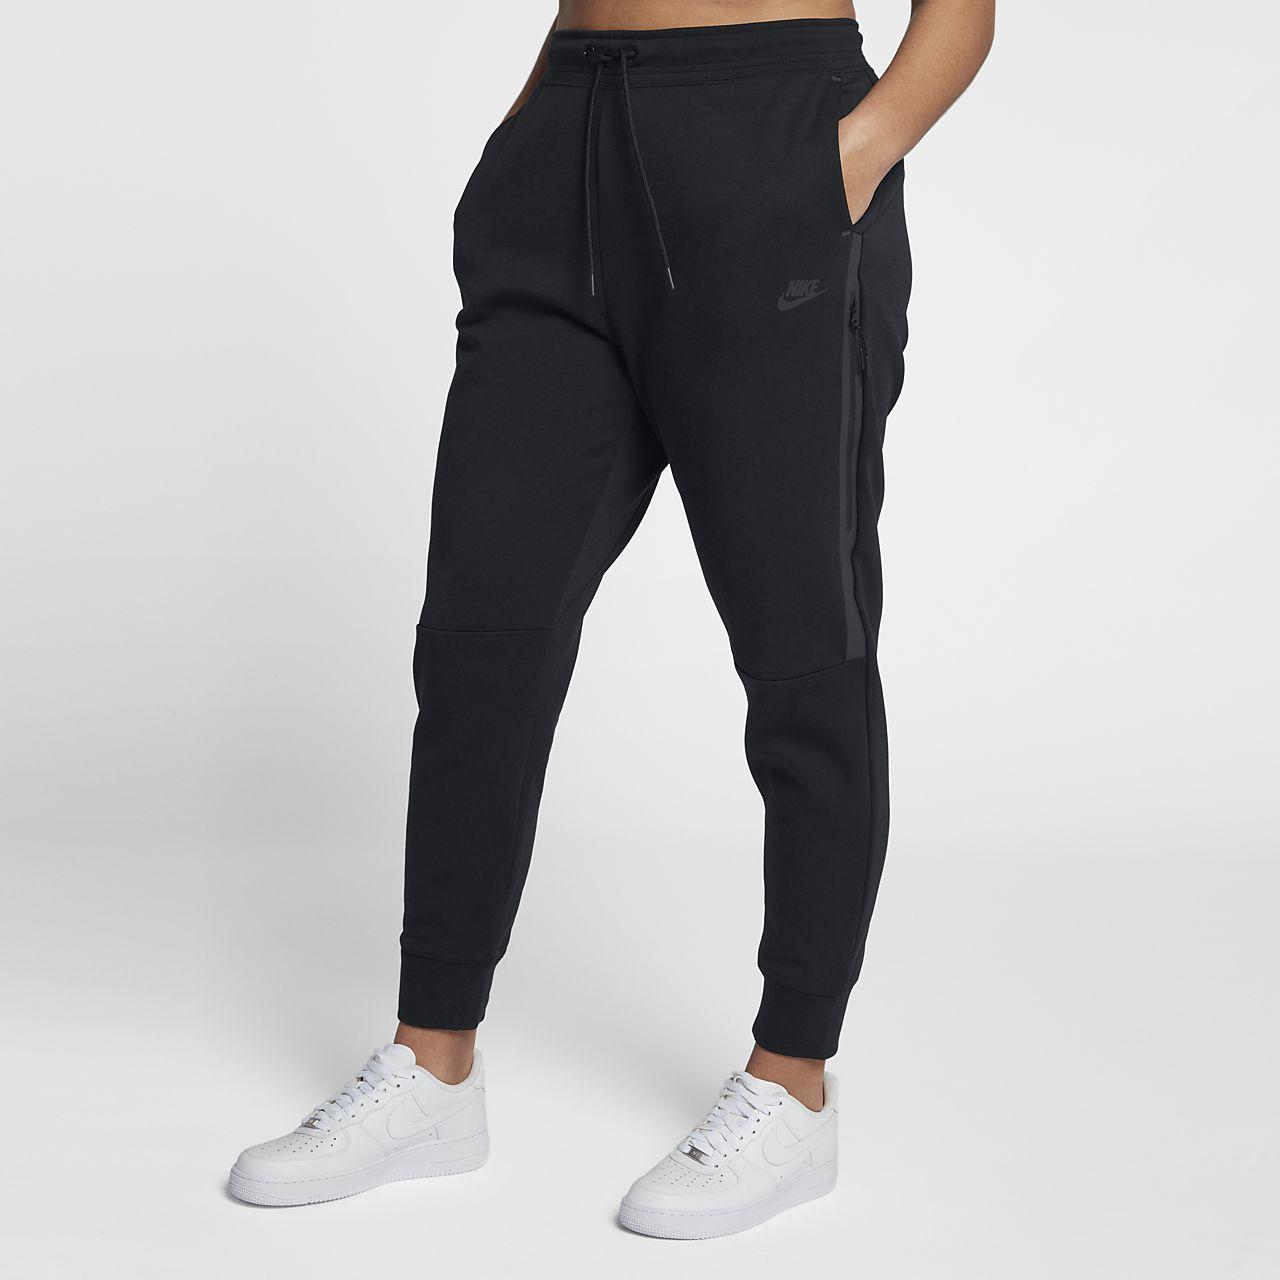 8a6cac9f5e1767 Pantalon Nike Tech Fleece – Sólo otra idea de imagen de muebles